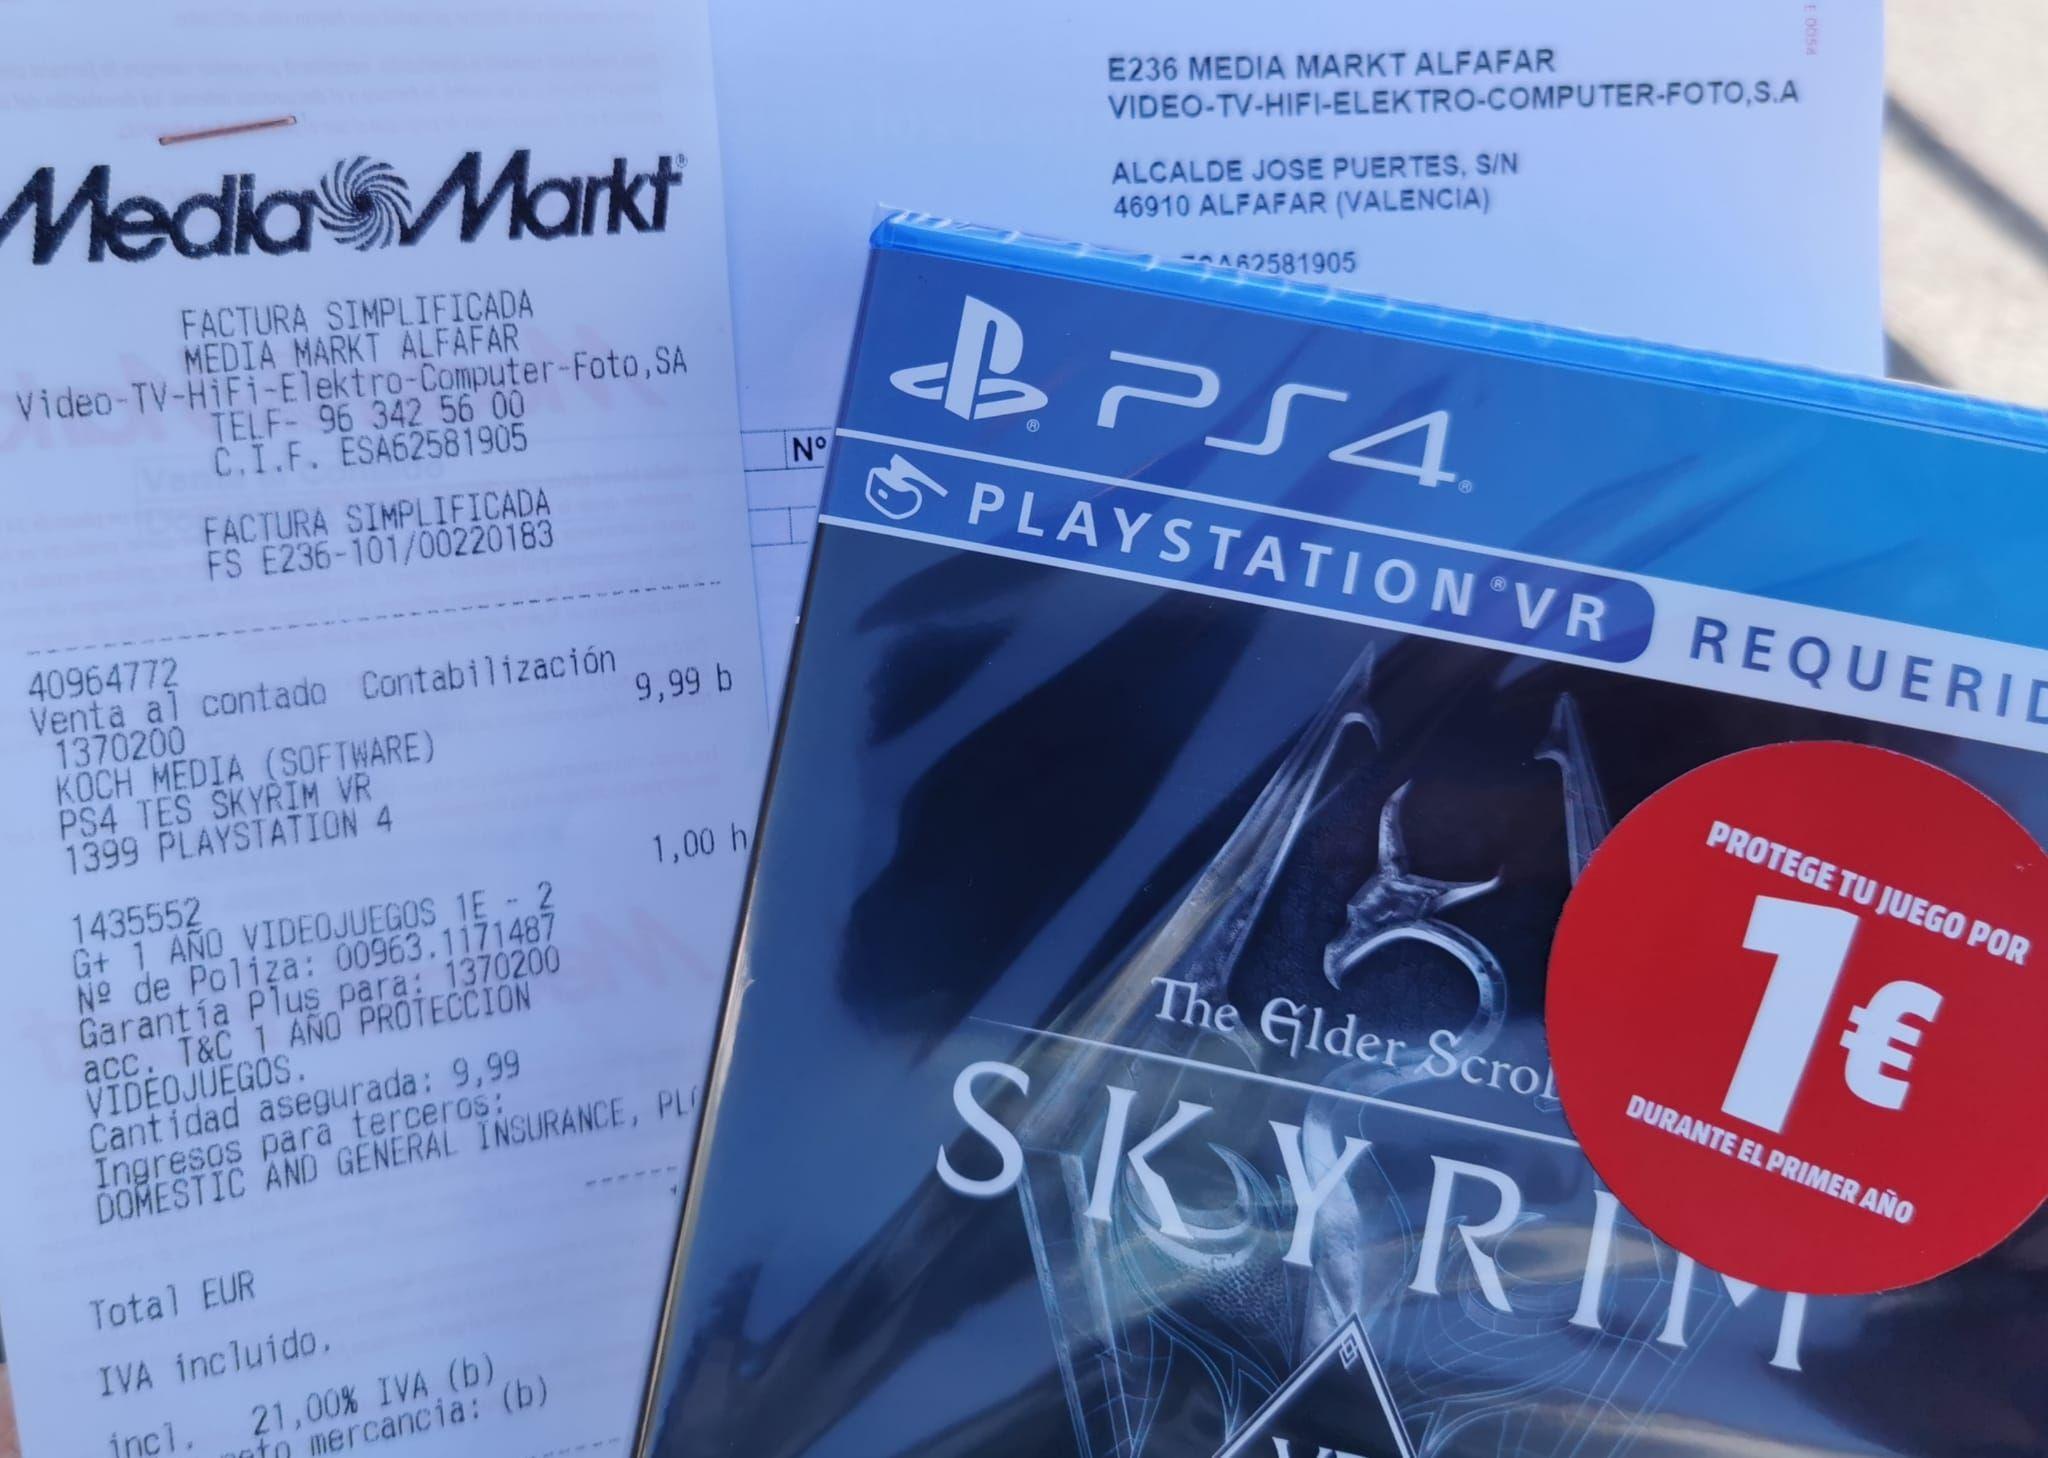 Skyrim vr PlayStation 4 en MediaMarkt Valencia